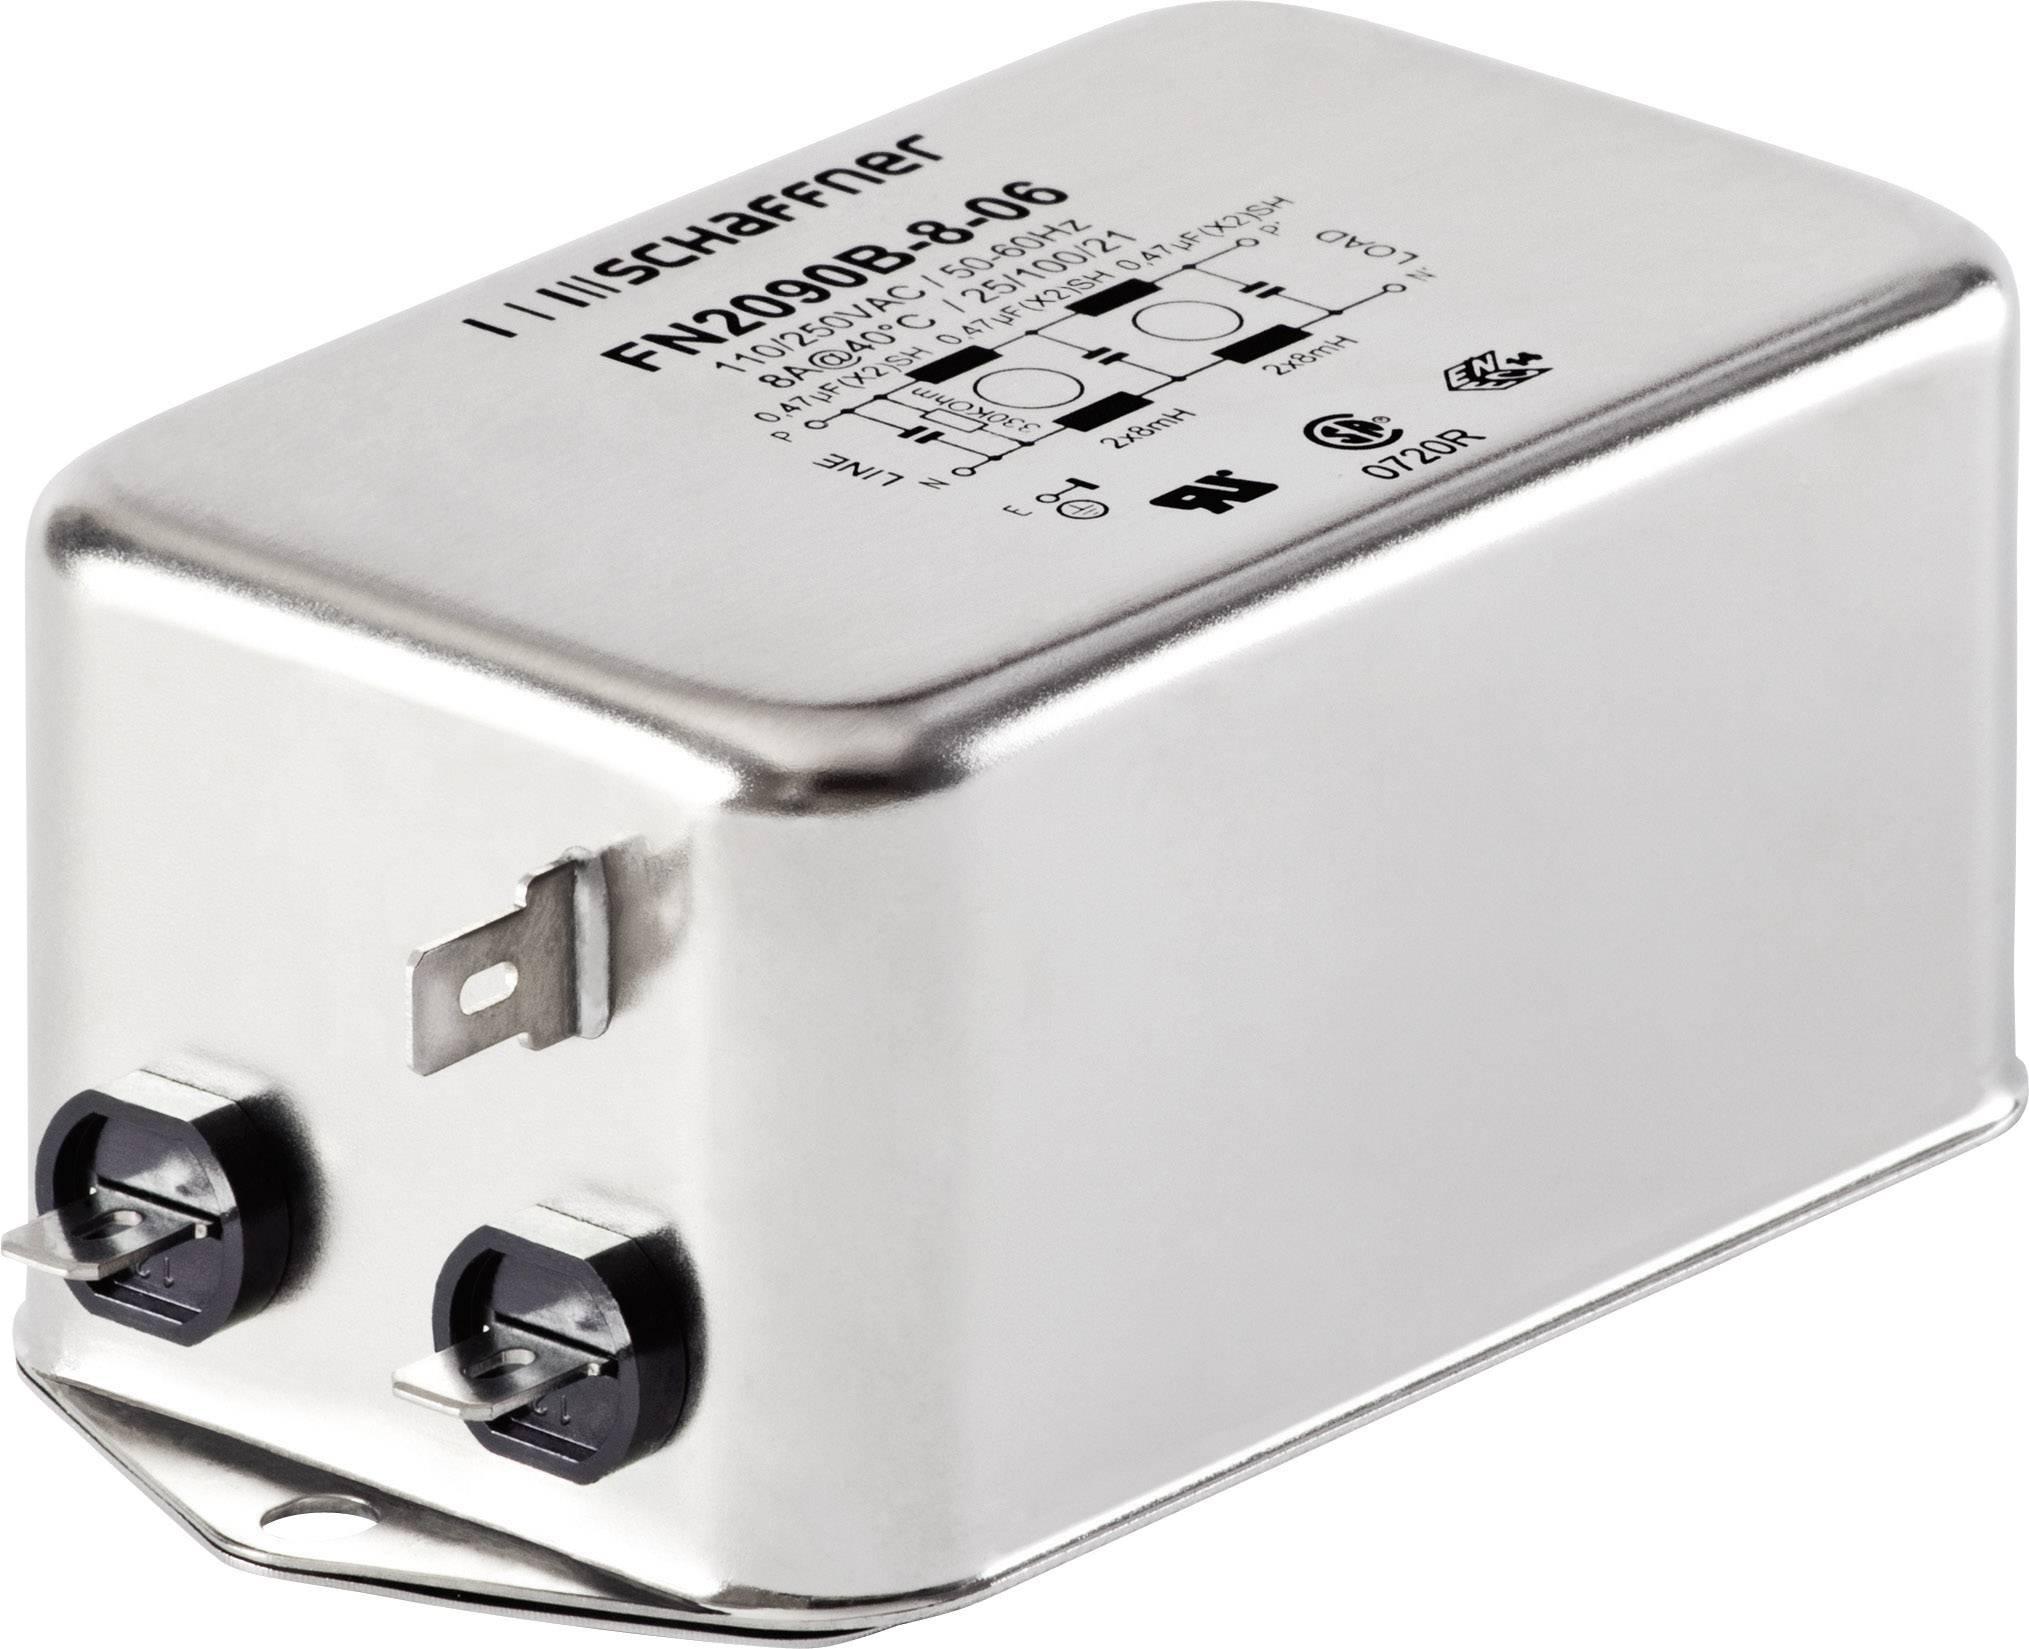 Odrušovací filter Schaffner FN2090-16-06 FN2090-16-06, 250 V/AC, 16 A, 4 mH, (d x š x v) 113.5 x 57.5 x 45.4 mm, 1 ks